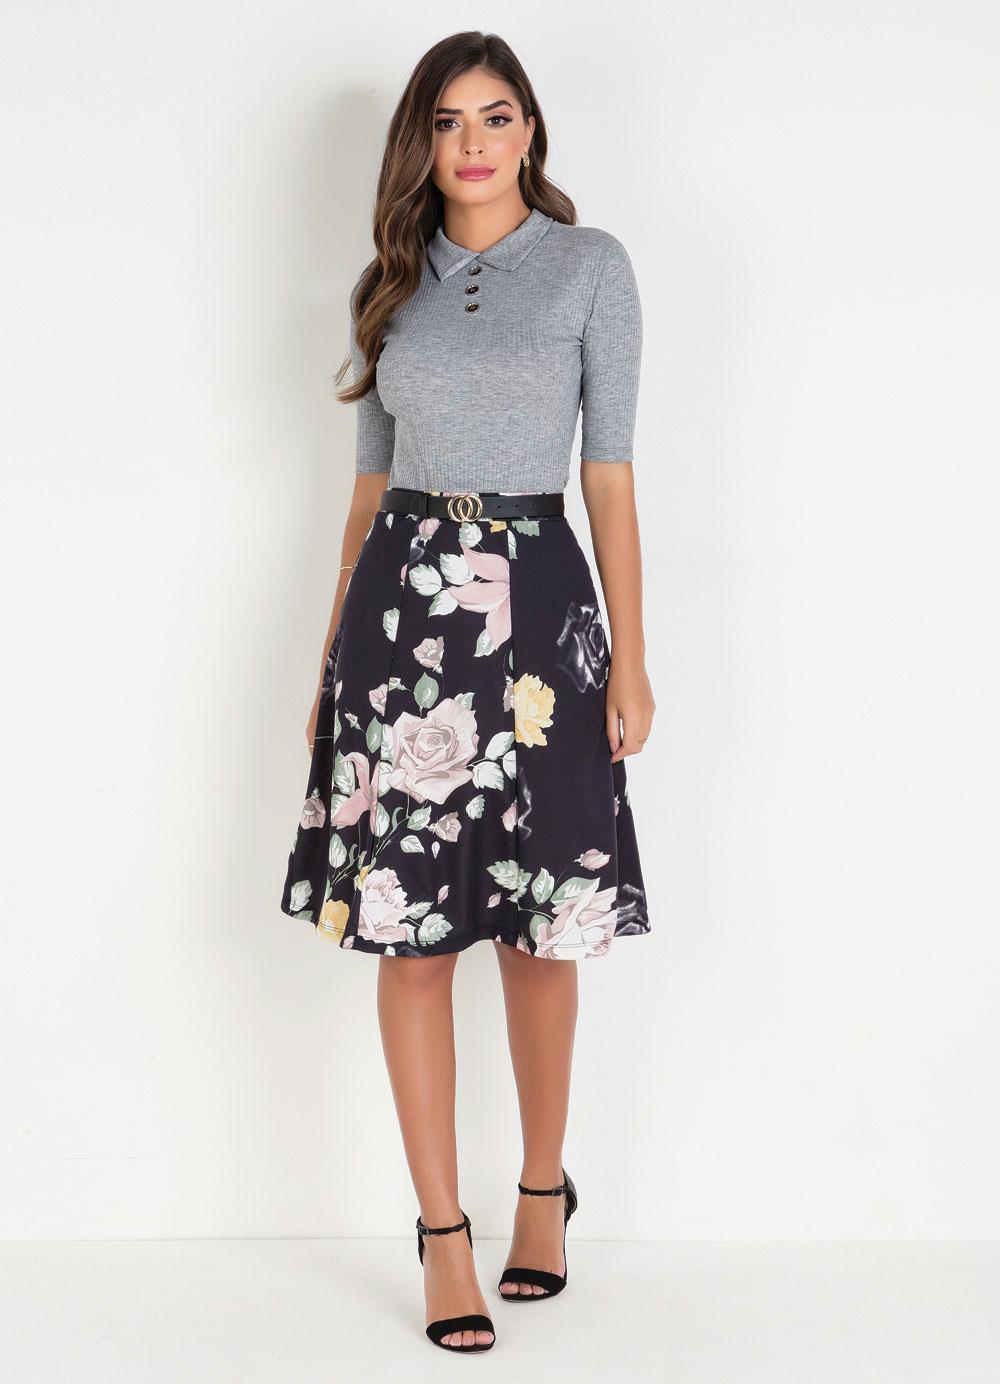 1612587909 210 155 looks con falda de varios estilos para conseguir el - 155 looks con falda de varios estilos para conseguir el look perfecto